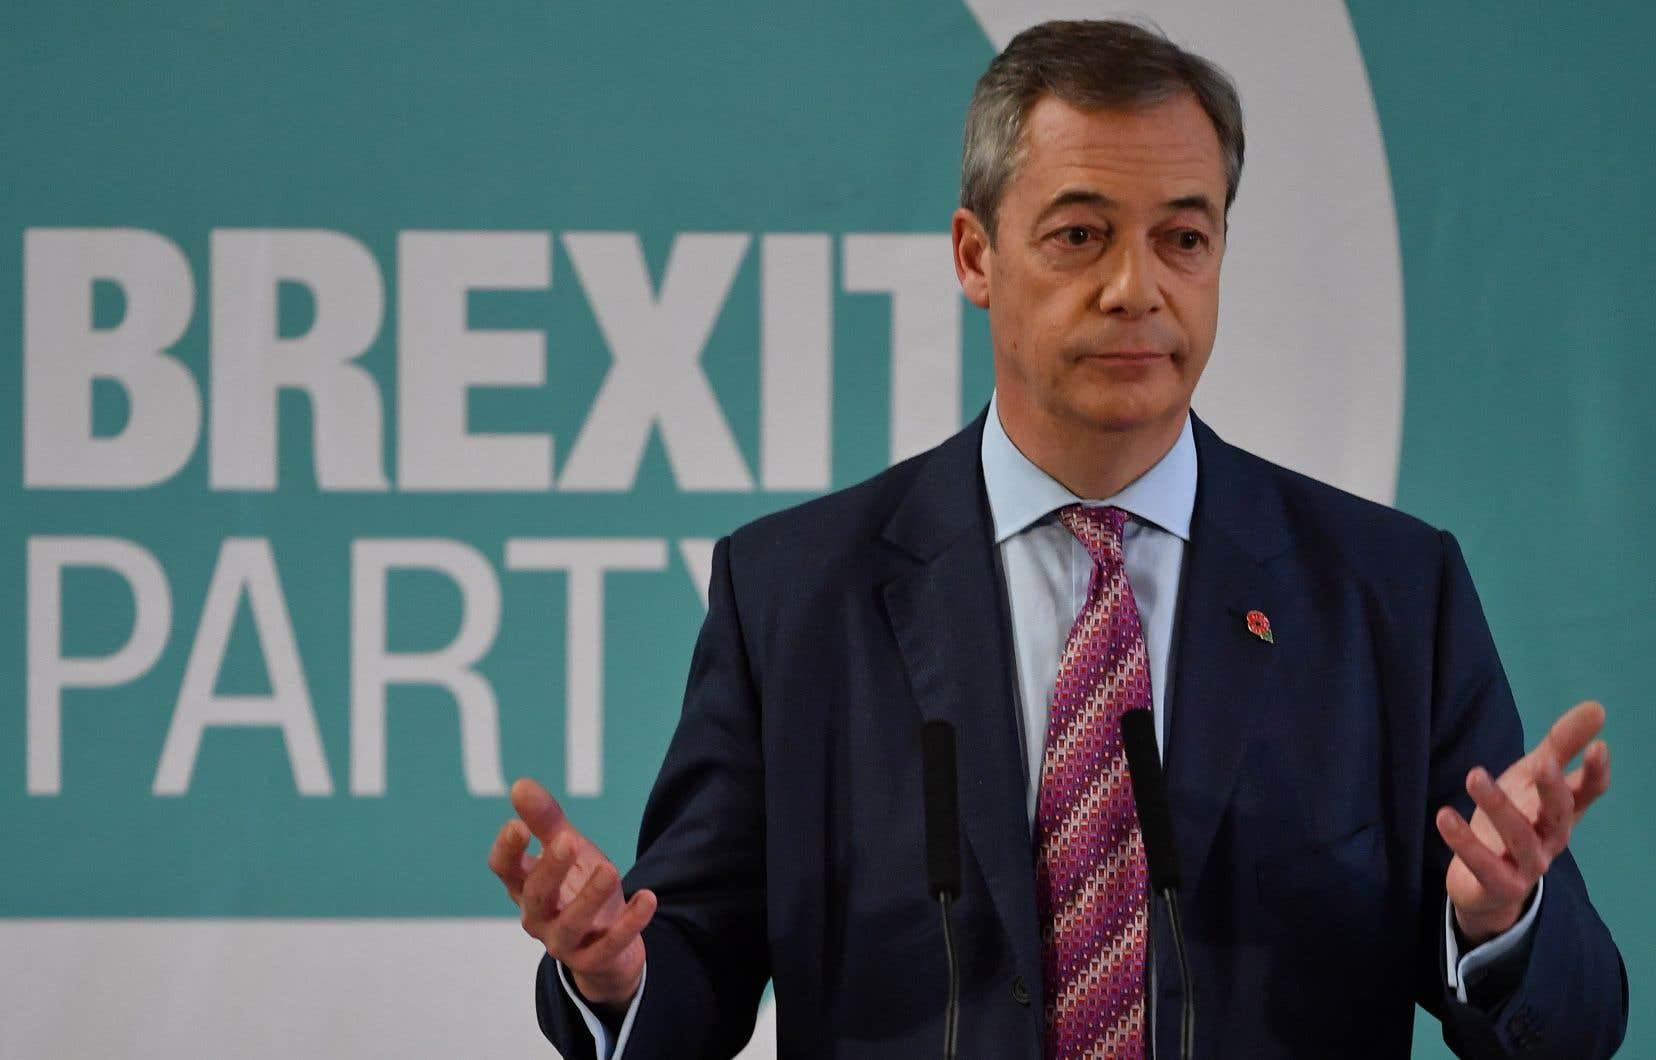 Le chef du parti du Brexit, Nigel Farage